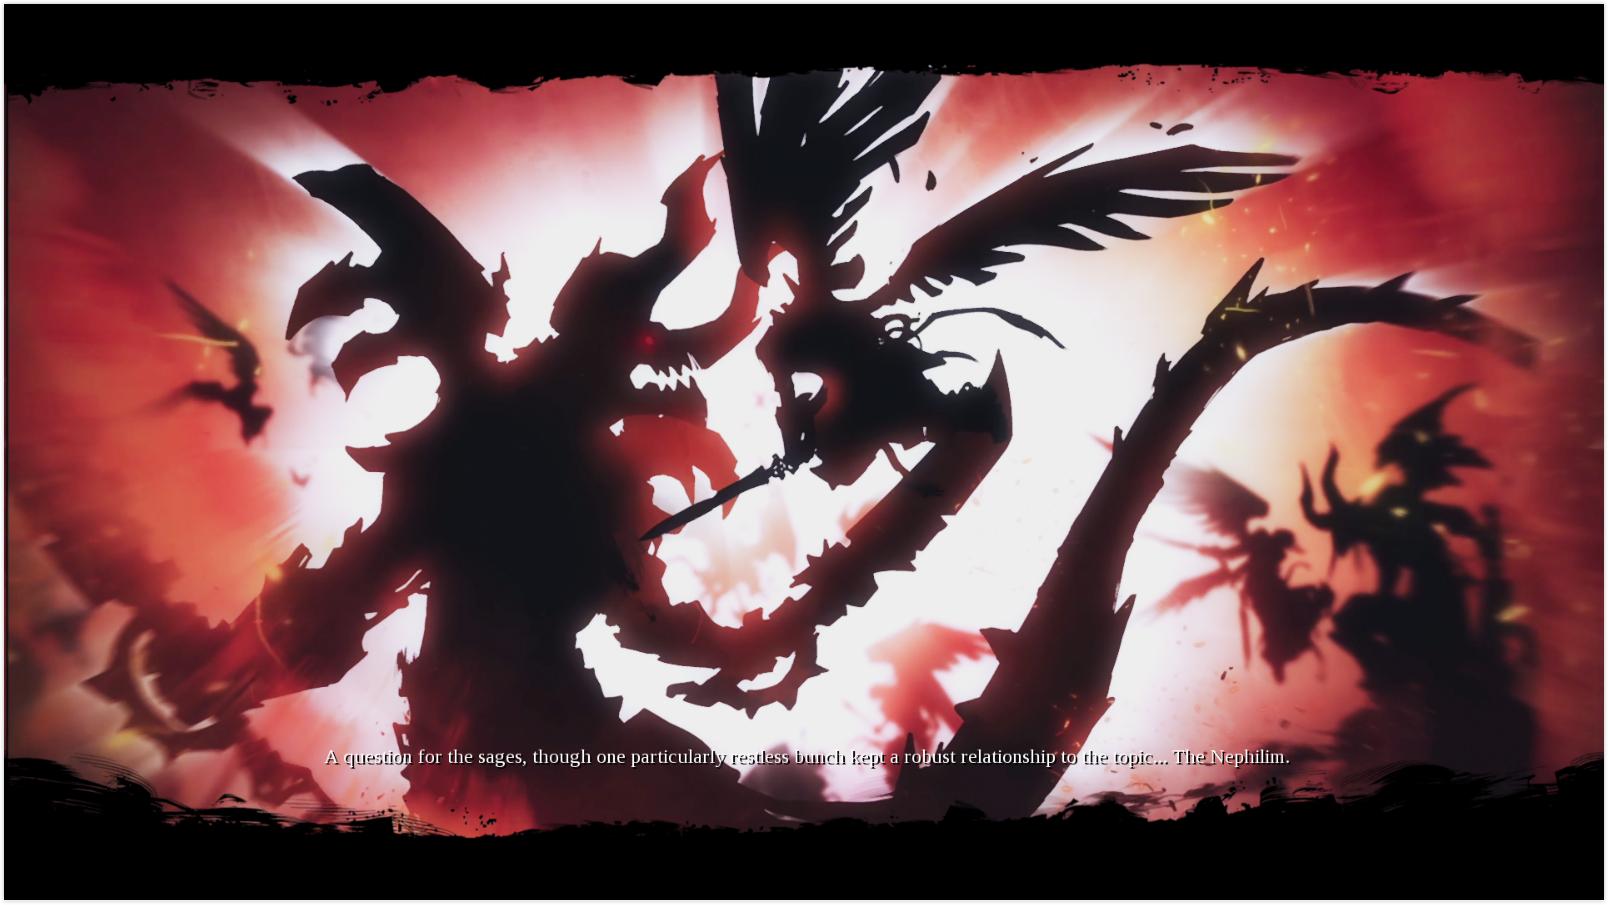 《暗黑血统:狂怒》评测:在死亡后的狂怒重生